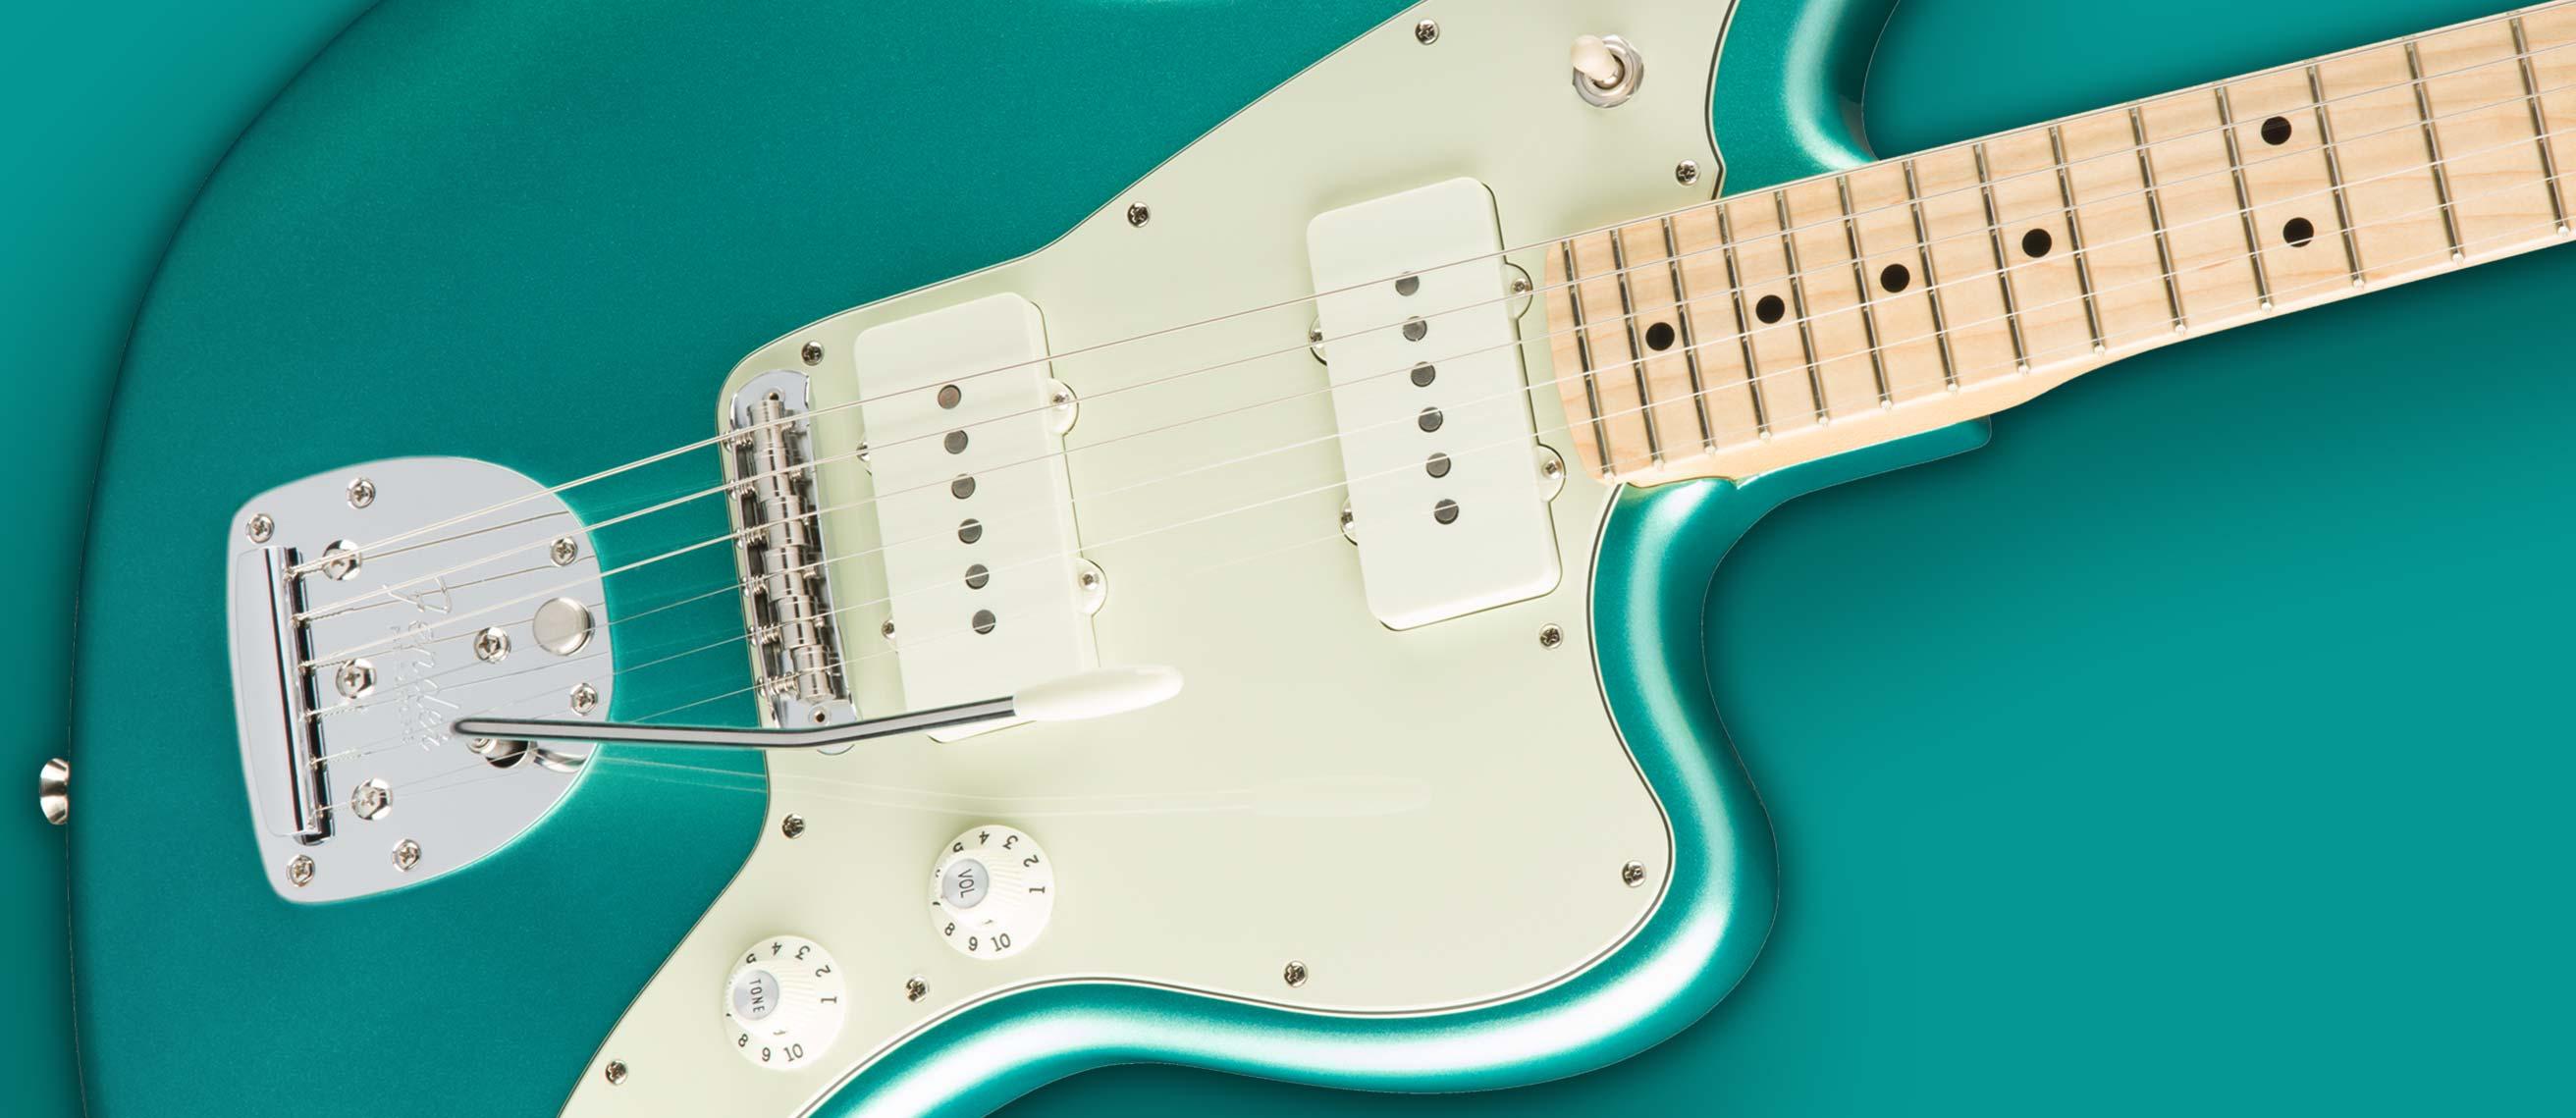 Mosrite Guitar Wiring Diagram Kawasaki Mule 600 Diagramsc Esp Pickup Fender 16349 Jazzmaster Heroresizeu003d6652c289